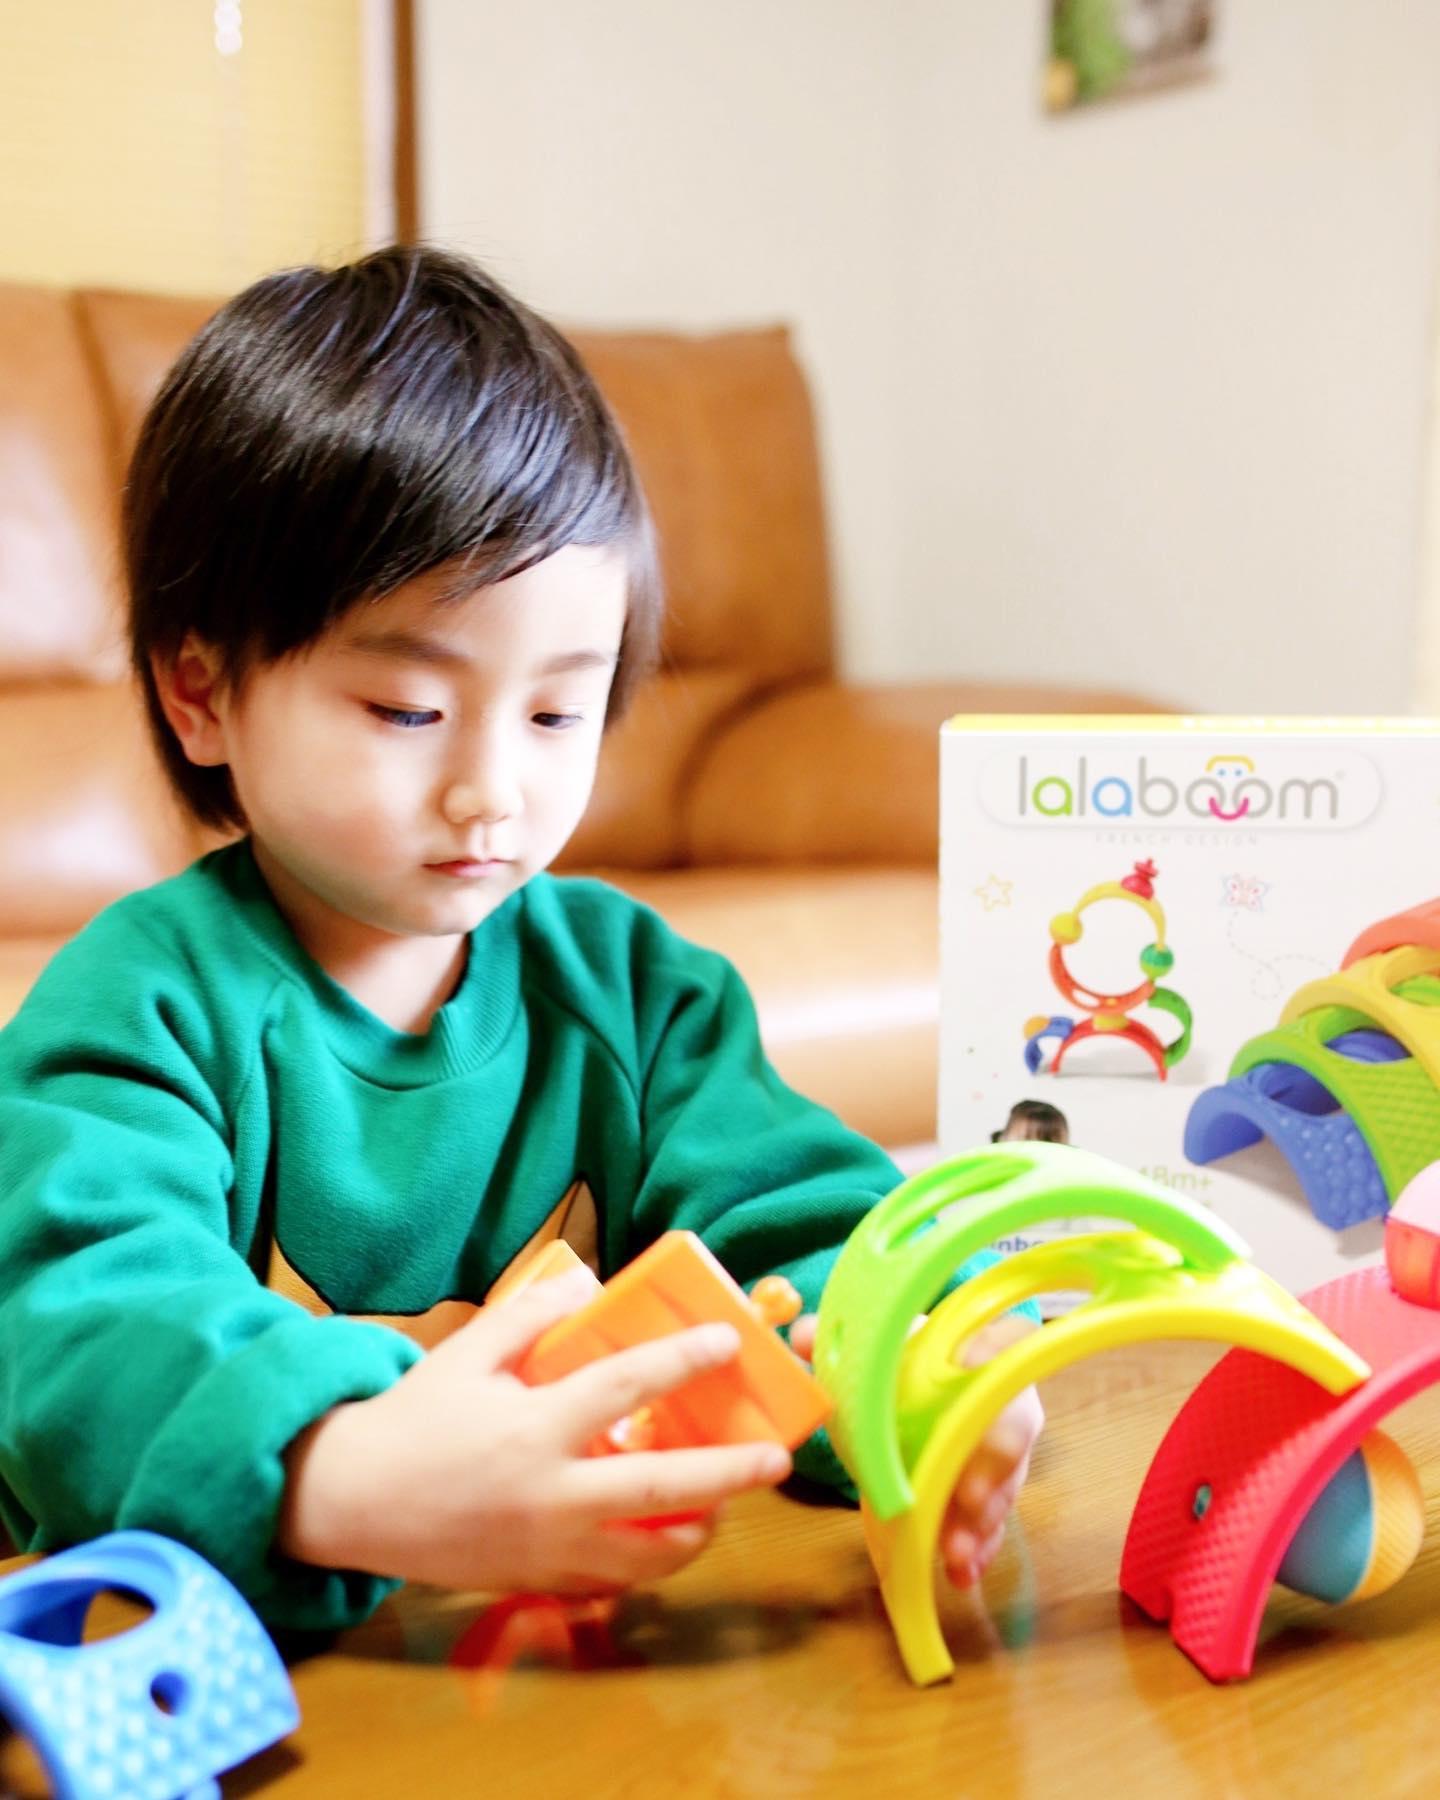 口コミ投稿:.Favorite toysフランス生まれのカラフルなブロックララブーム 13ピース レインボー…